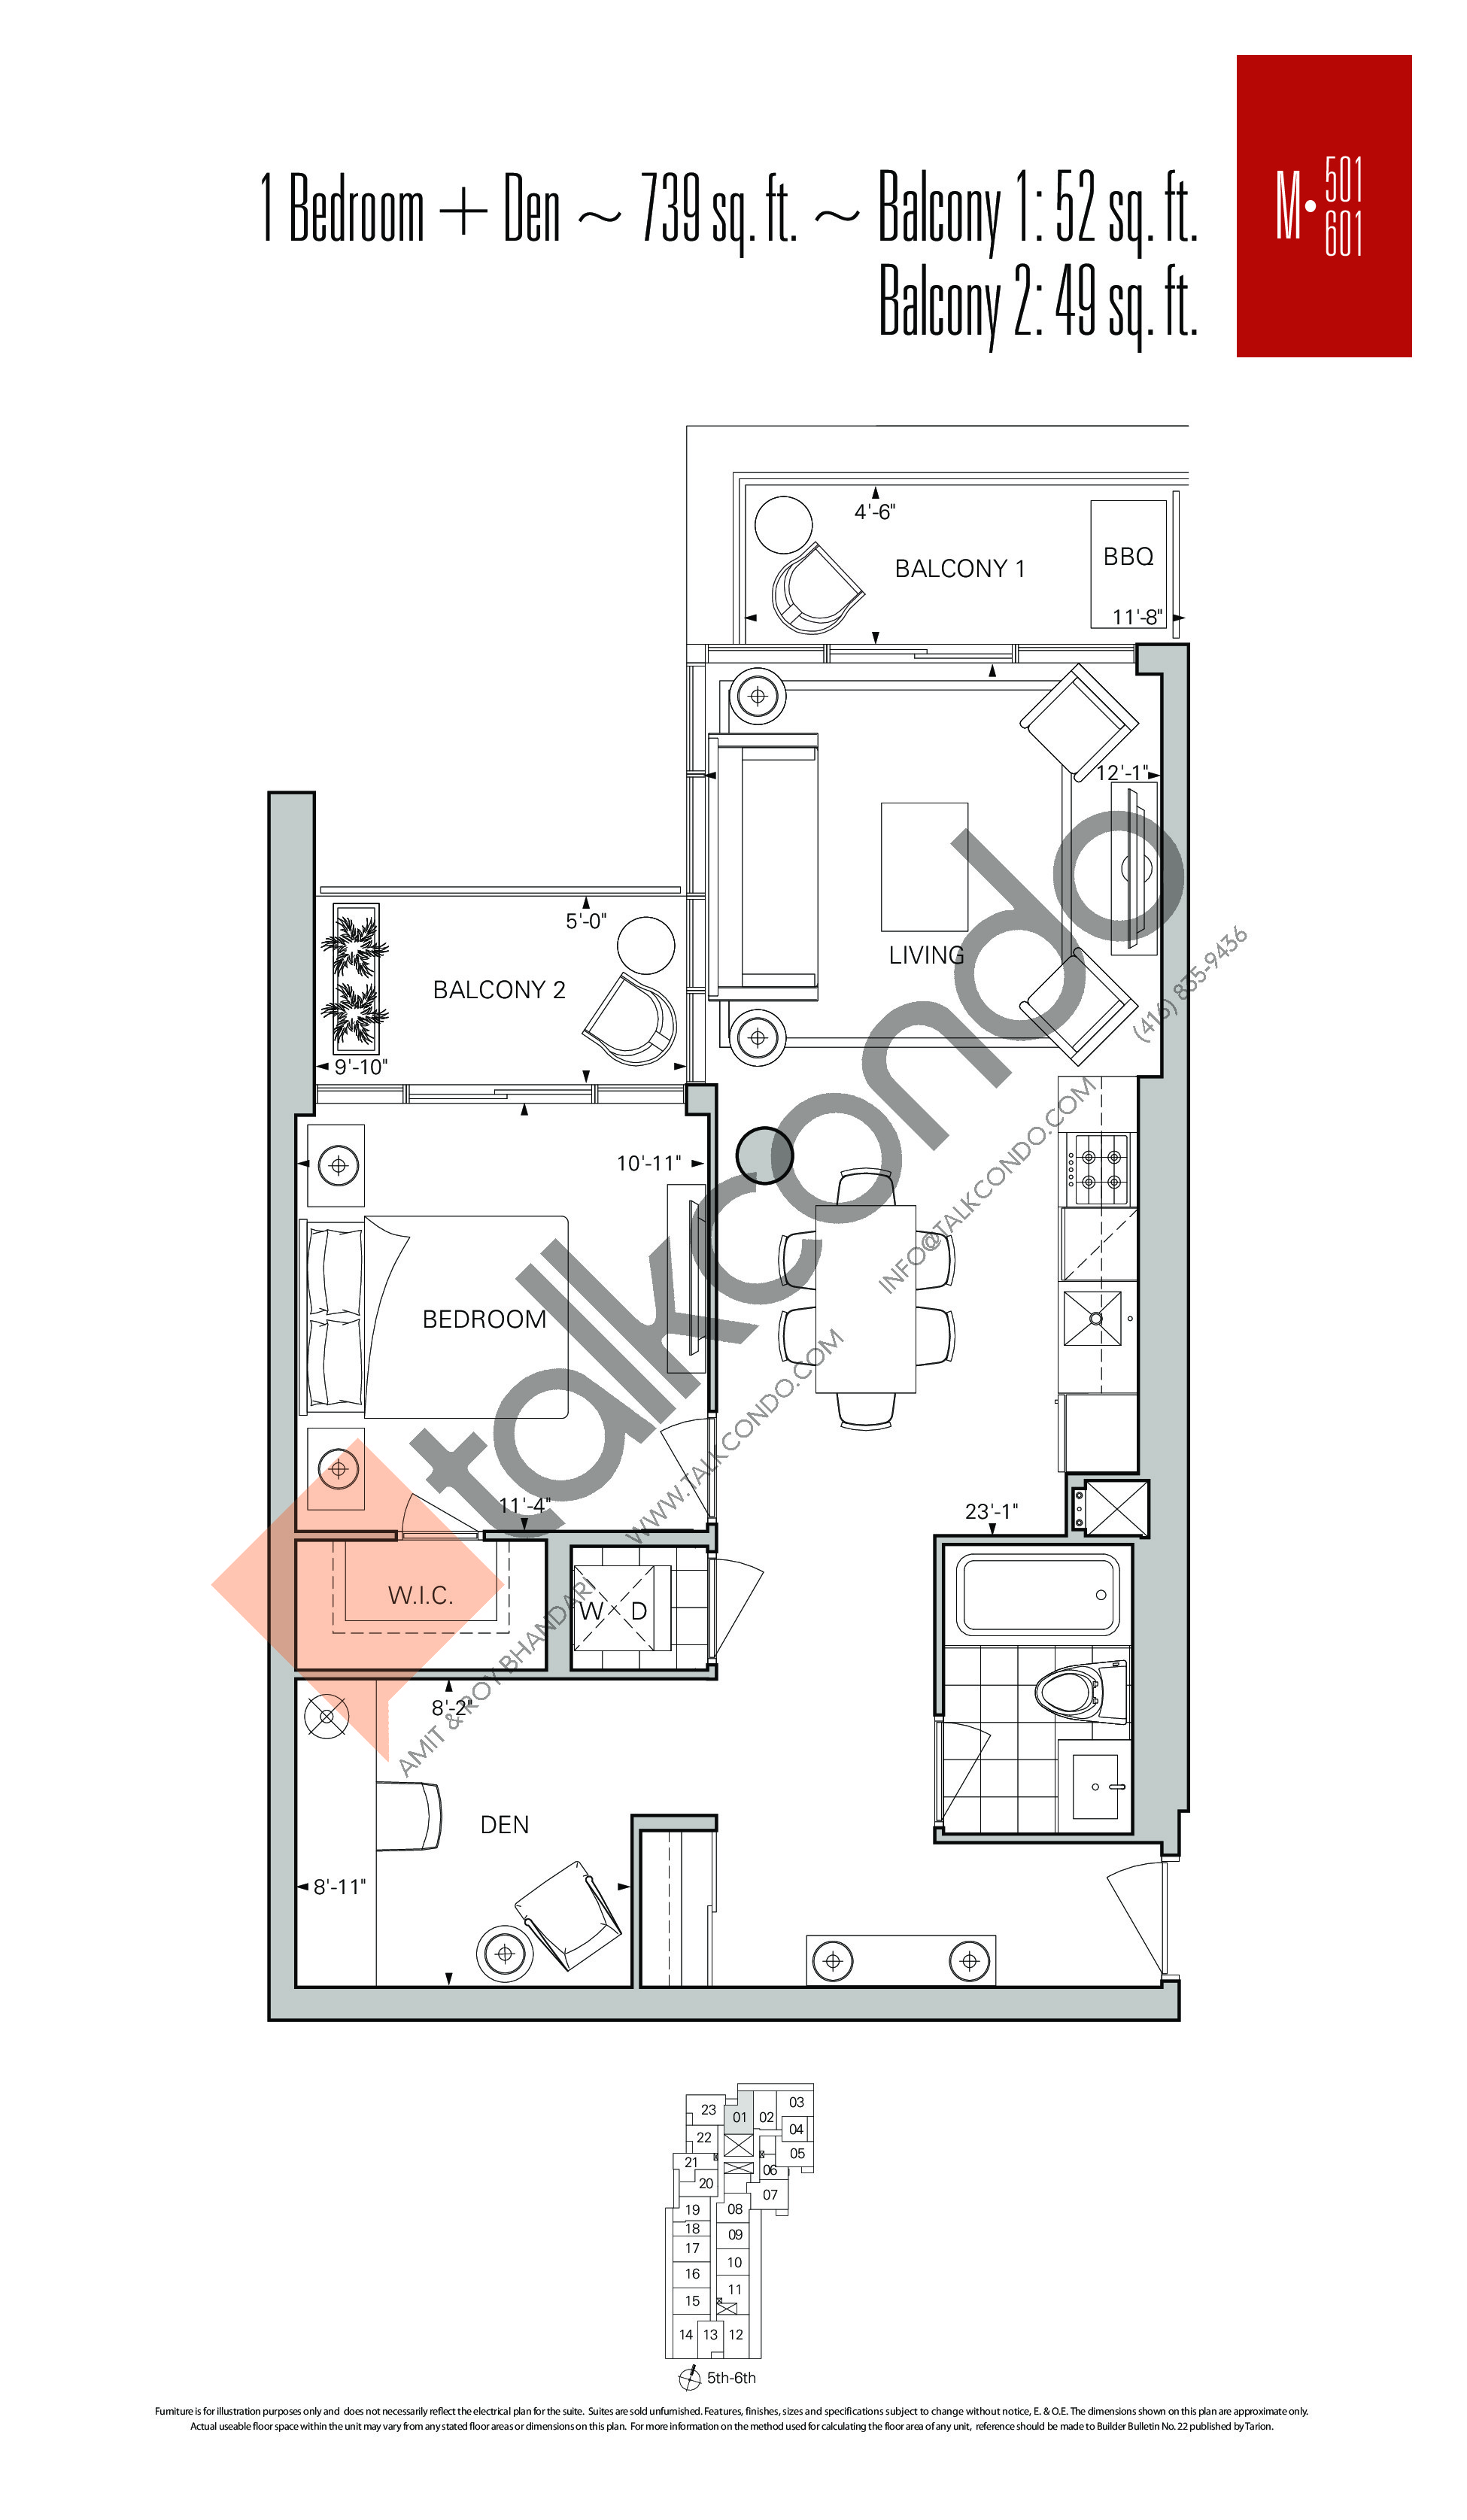 M-501 | M-601 Floor Plan at Rise Condos - 739 sq.ft